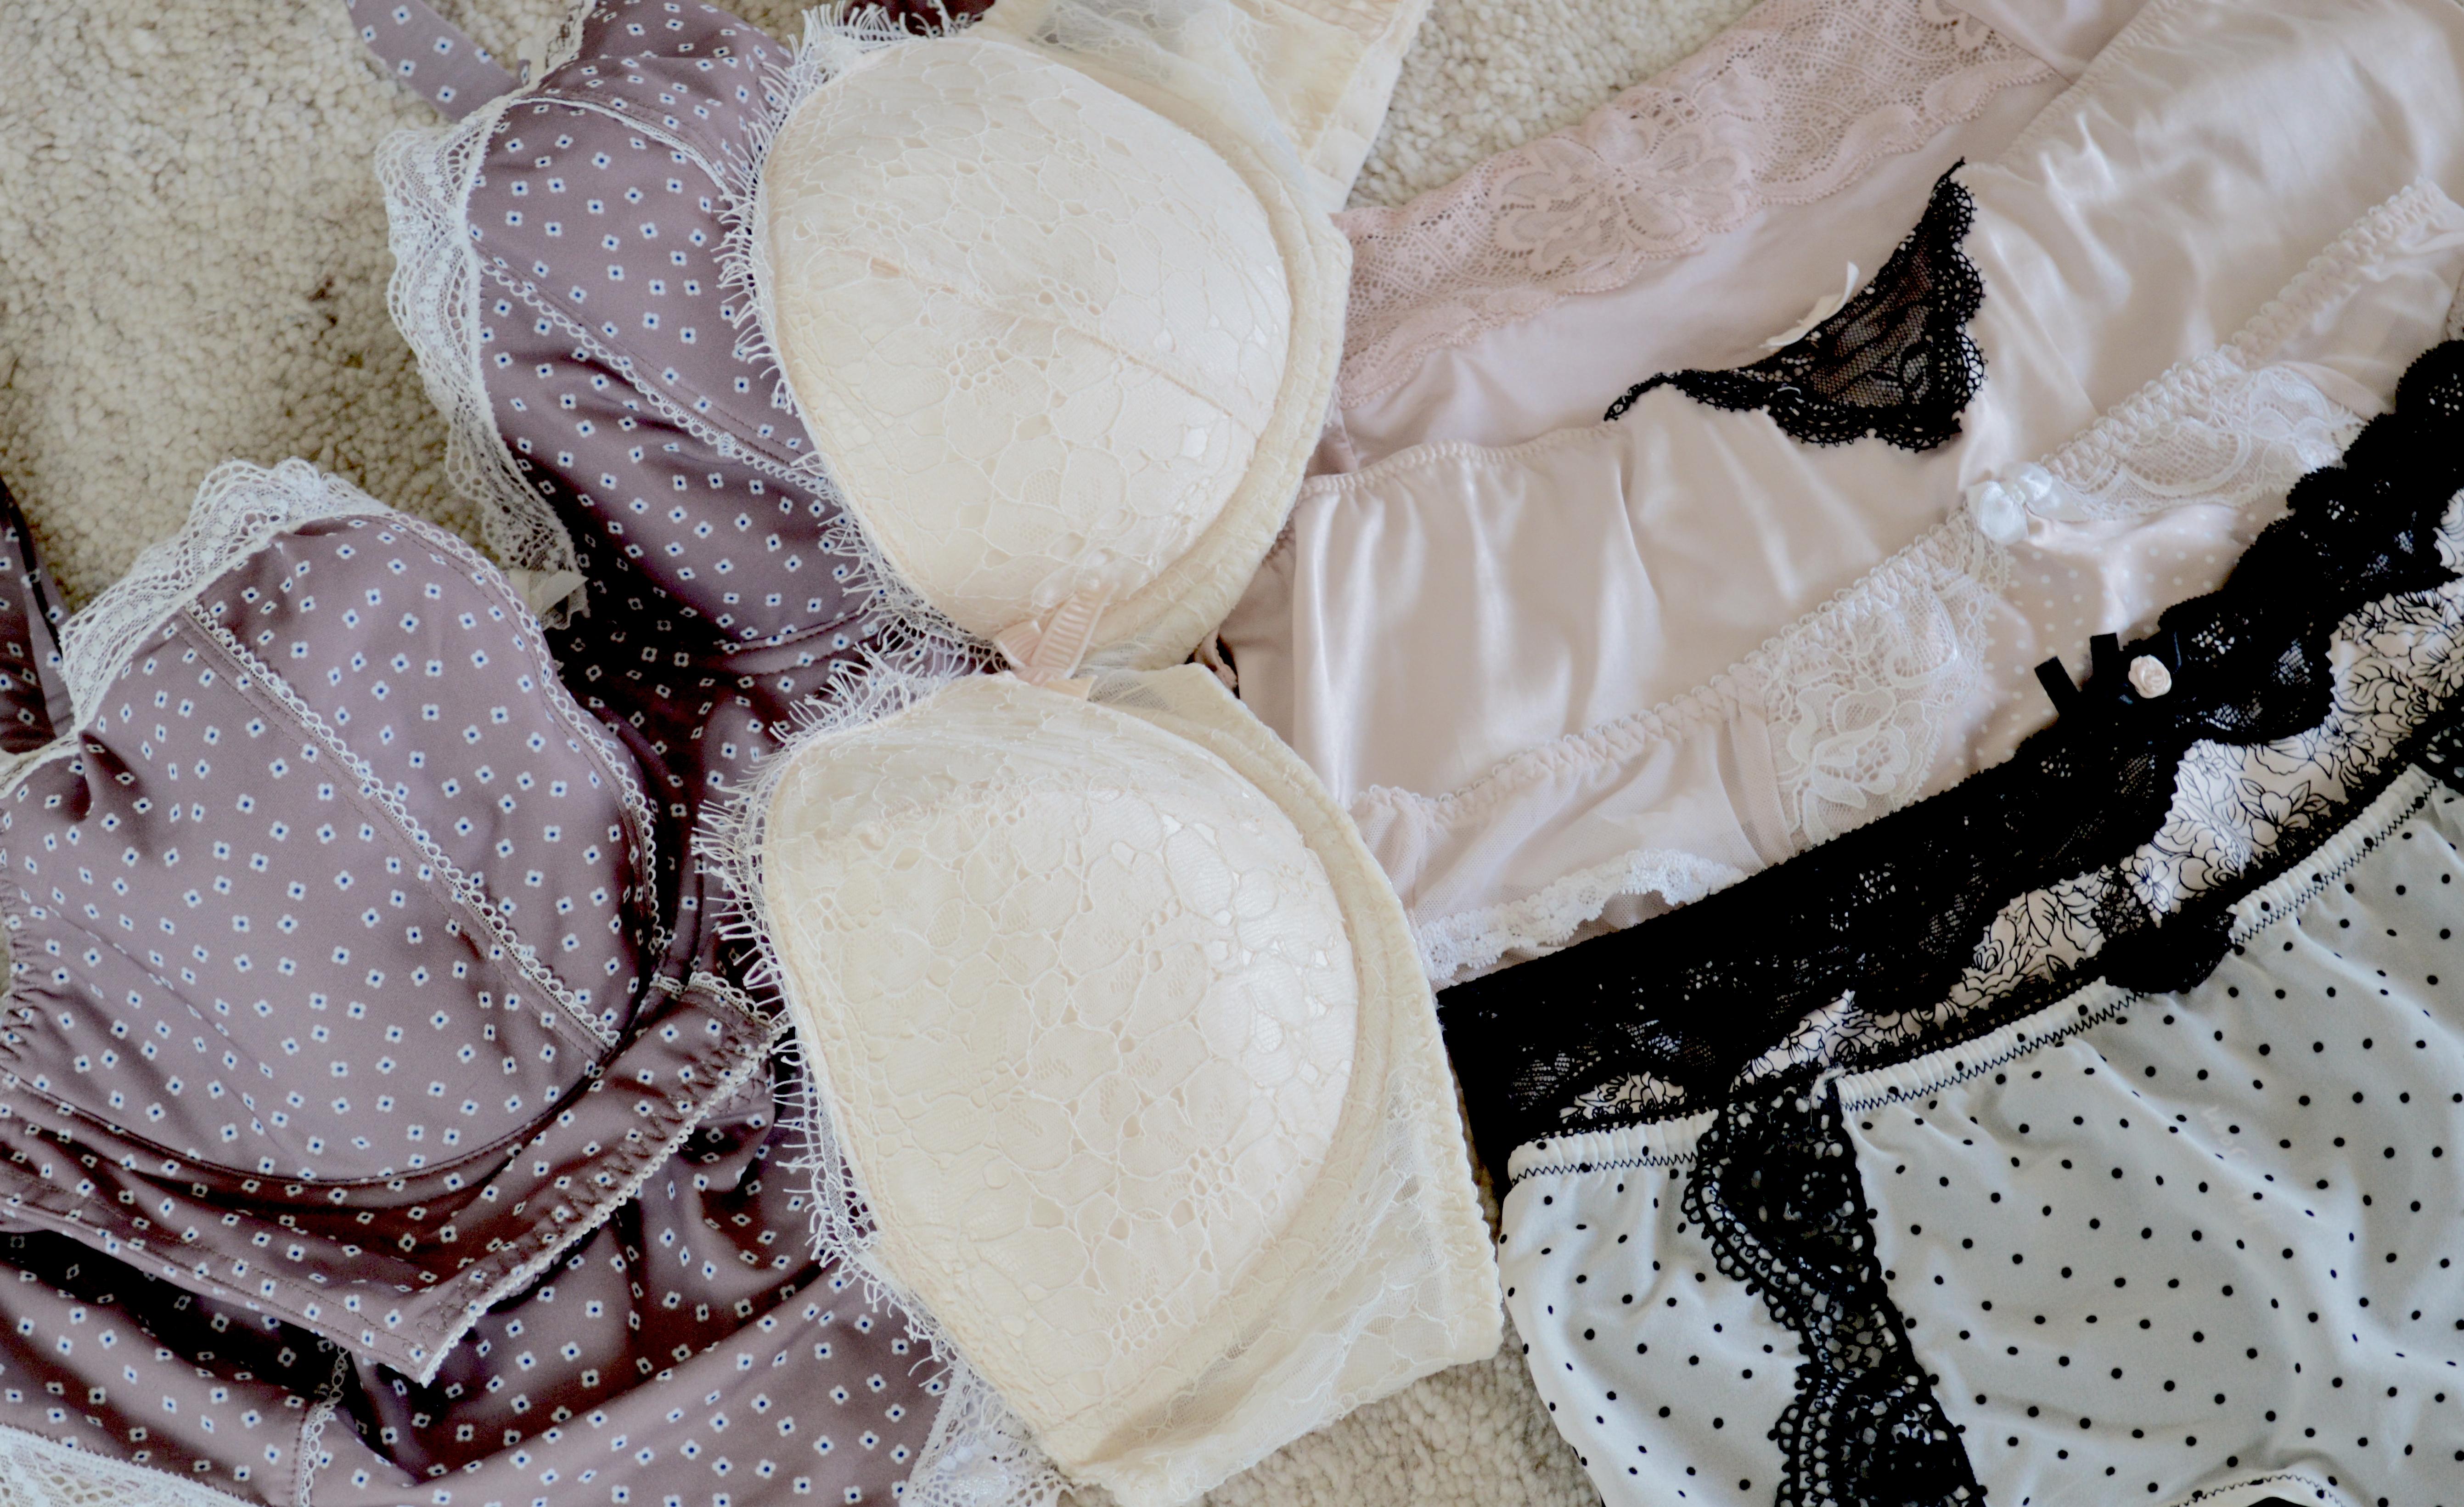 agent-provocateur-freya-playtex-underwear-knickers-bras